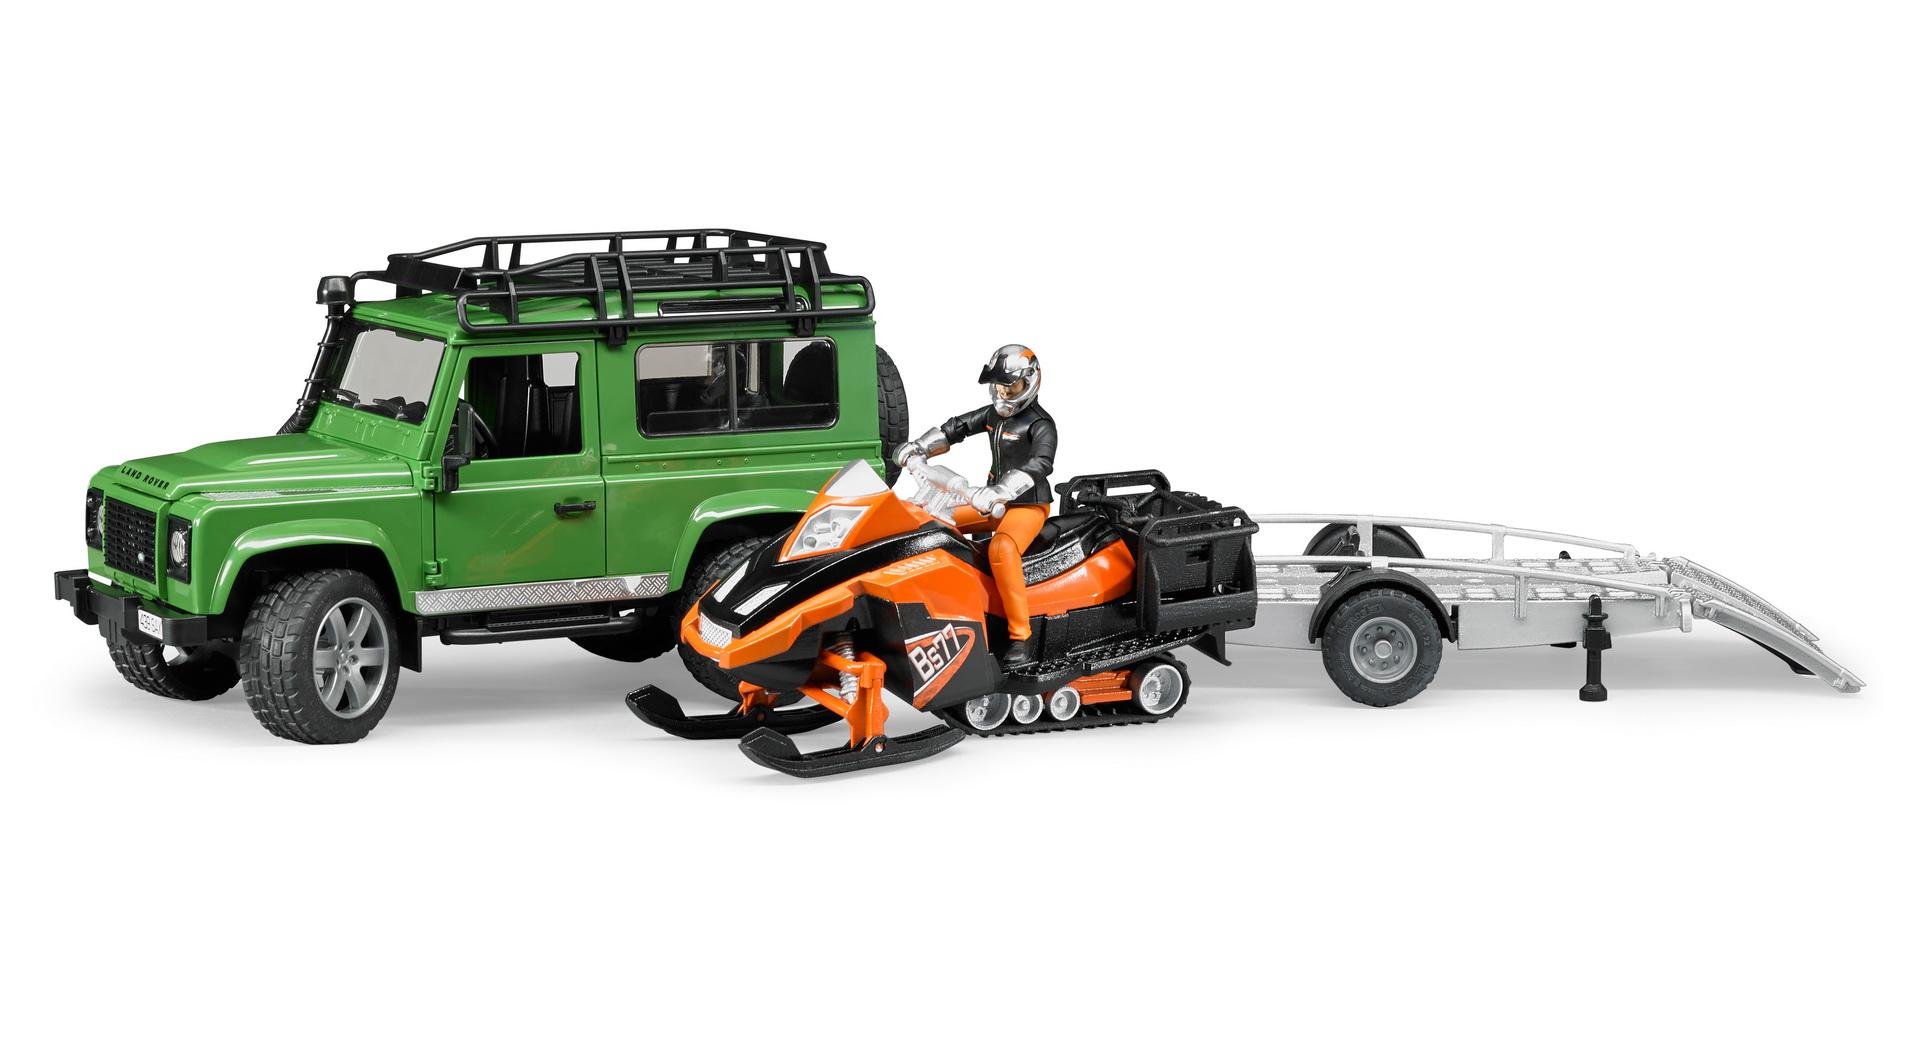 Внедорожник Land Rover Defender с прицепом, снегоходом и водителемLand Rover<br>Внедорожник Land Rover Defender с прицепом, снегоходом и водителем<br>